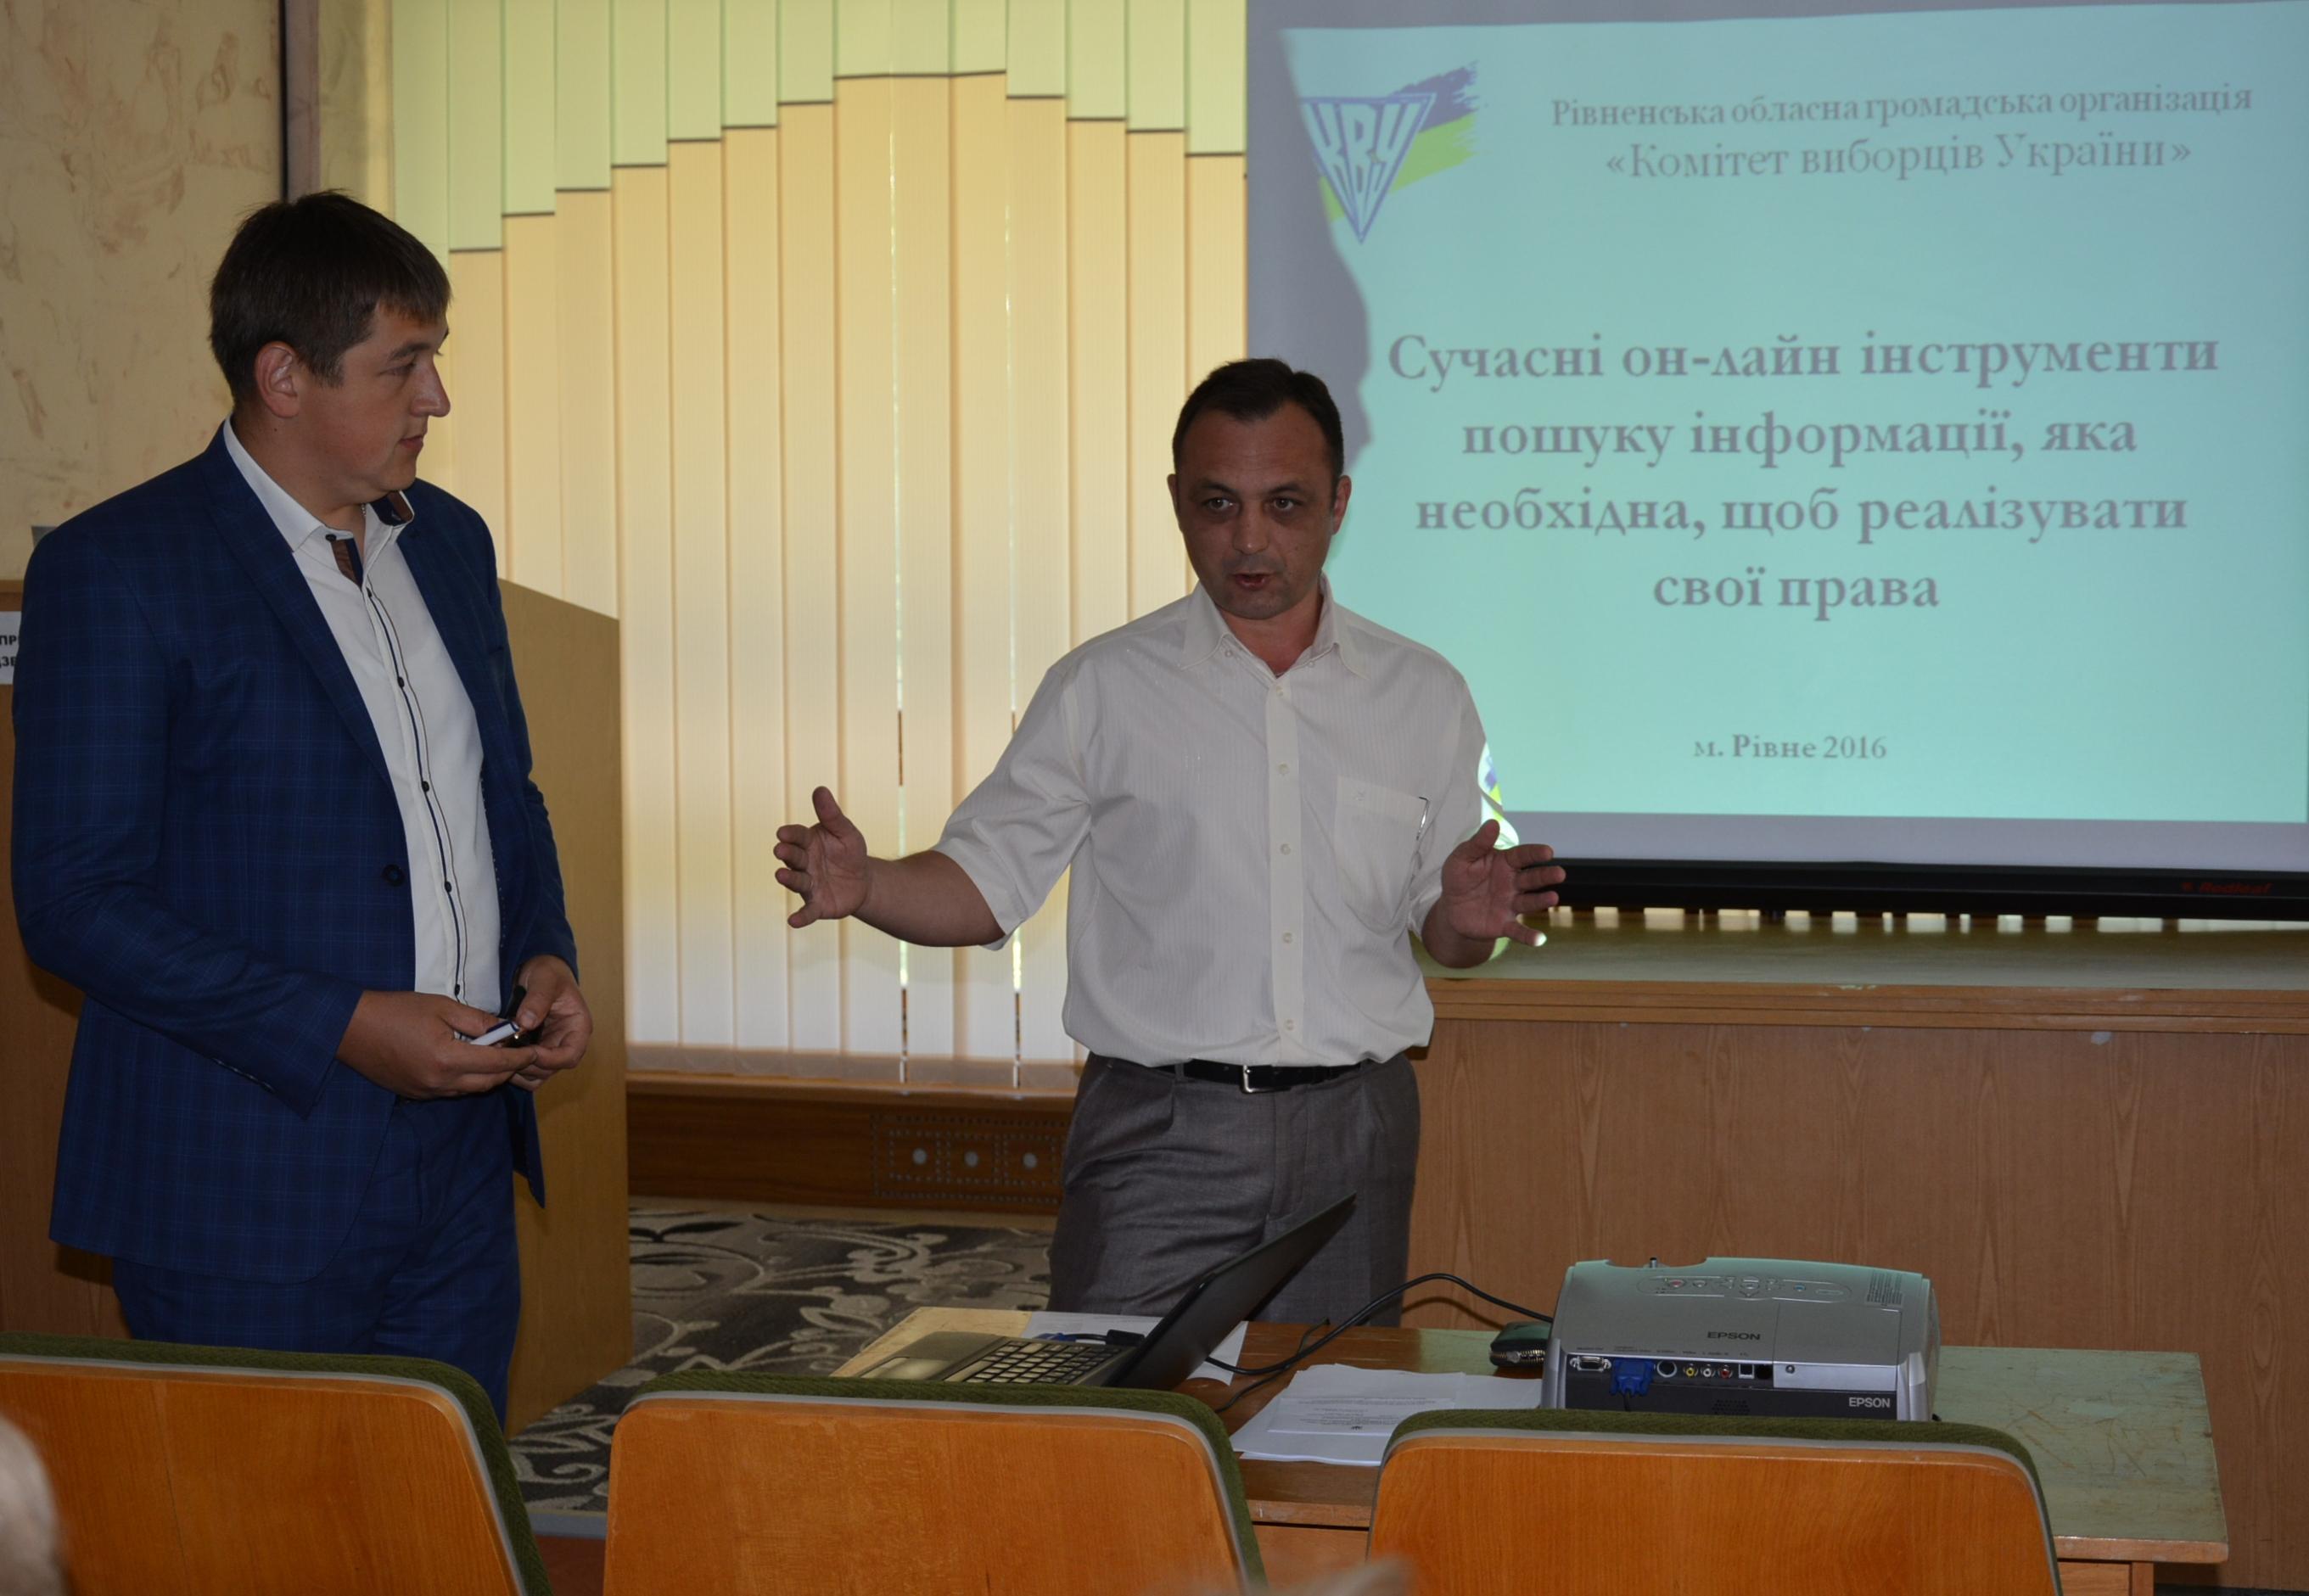 На Рівненщині переселенці вчилися шукати інформацію та отримувати адмінпослуги через Інтернет, фото-1